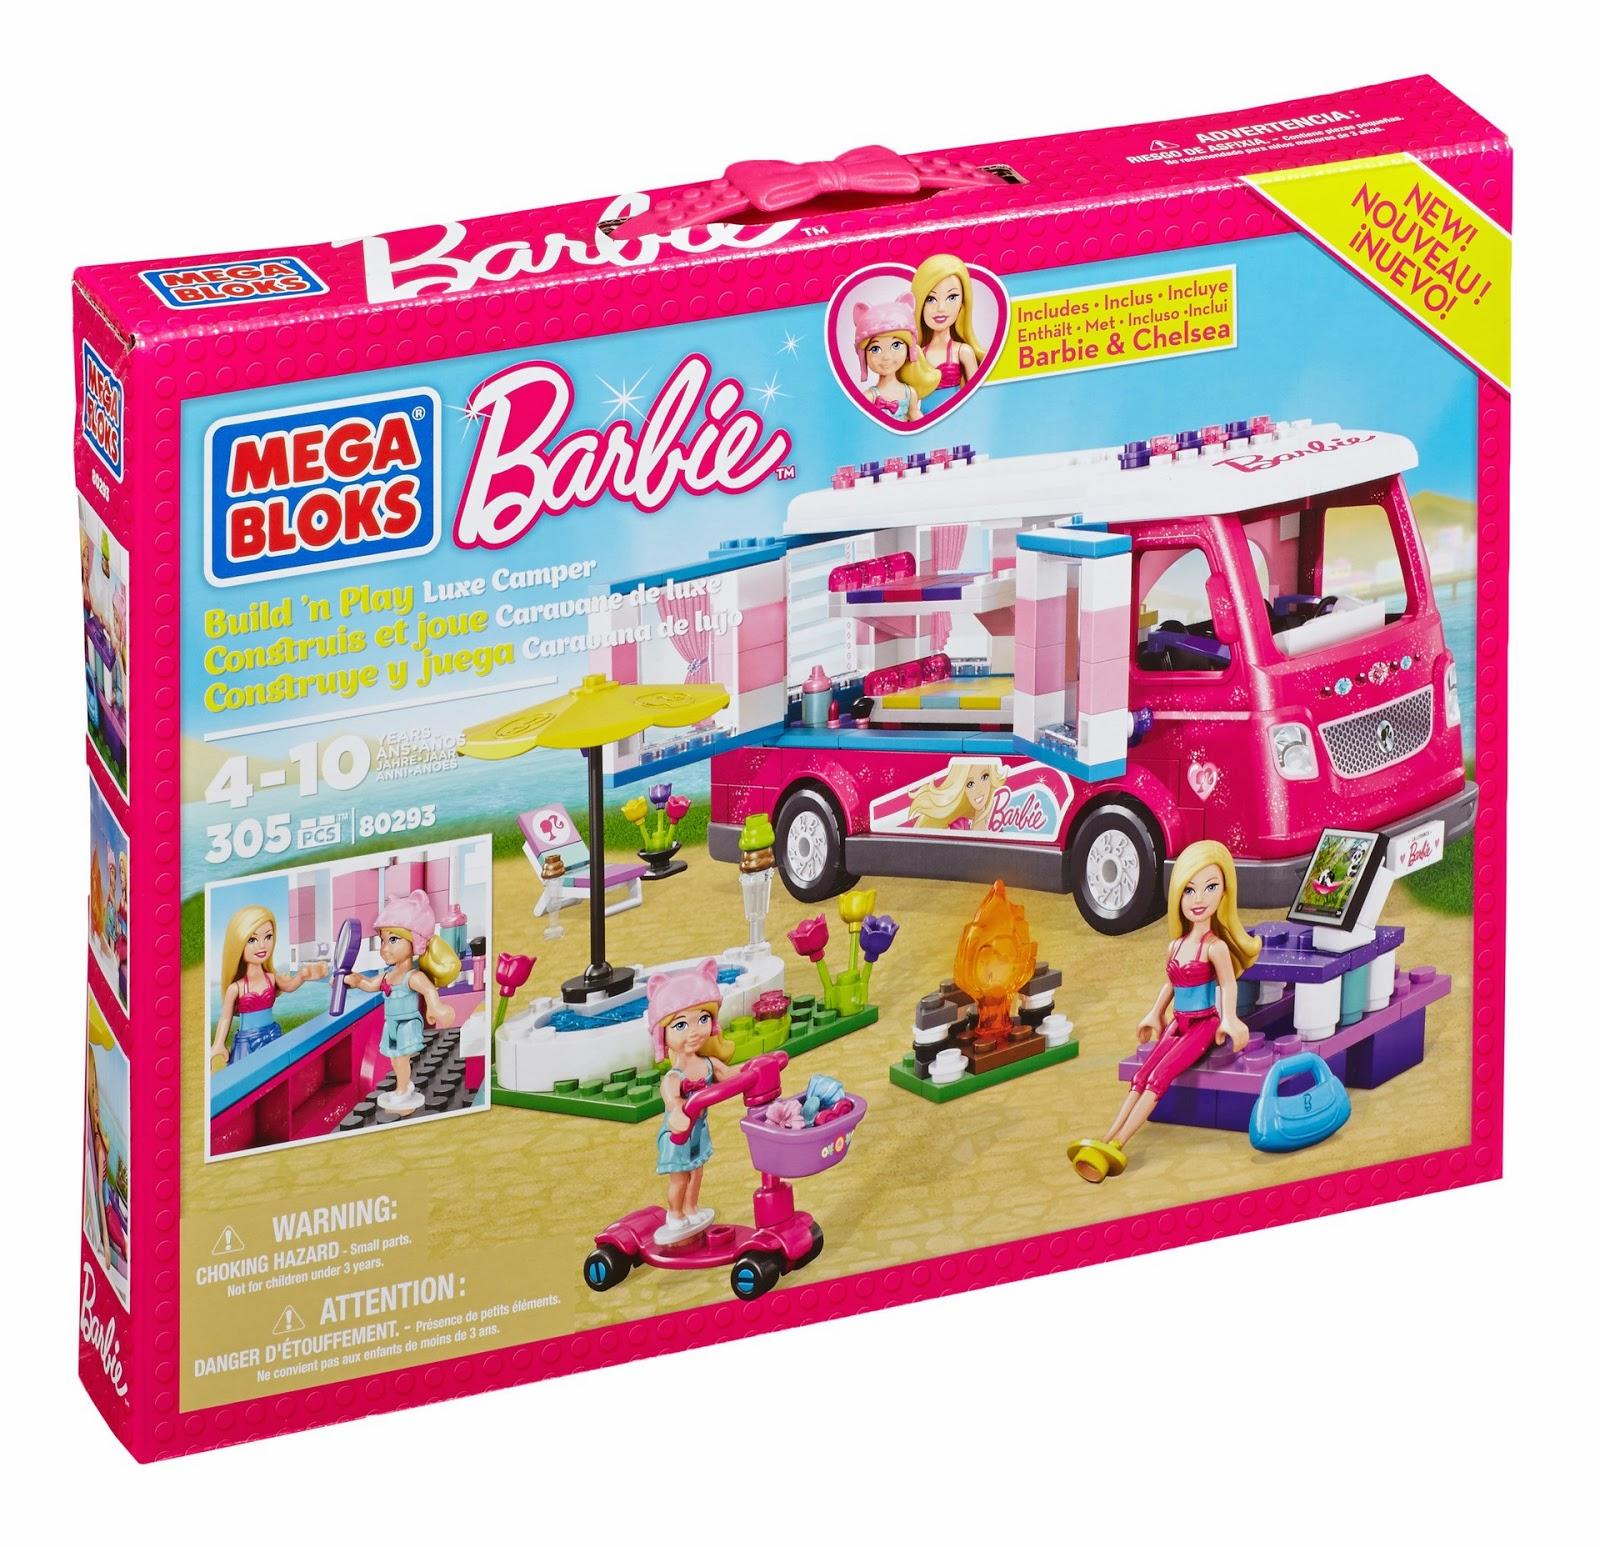 Mega Bloks Barbie giveaway